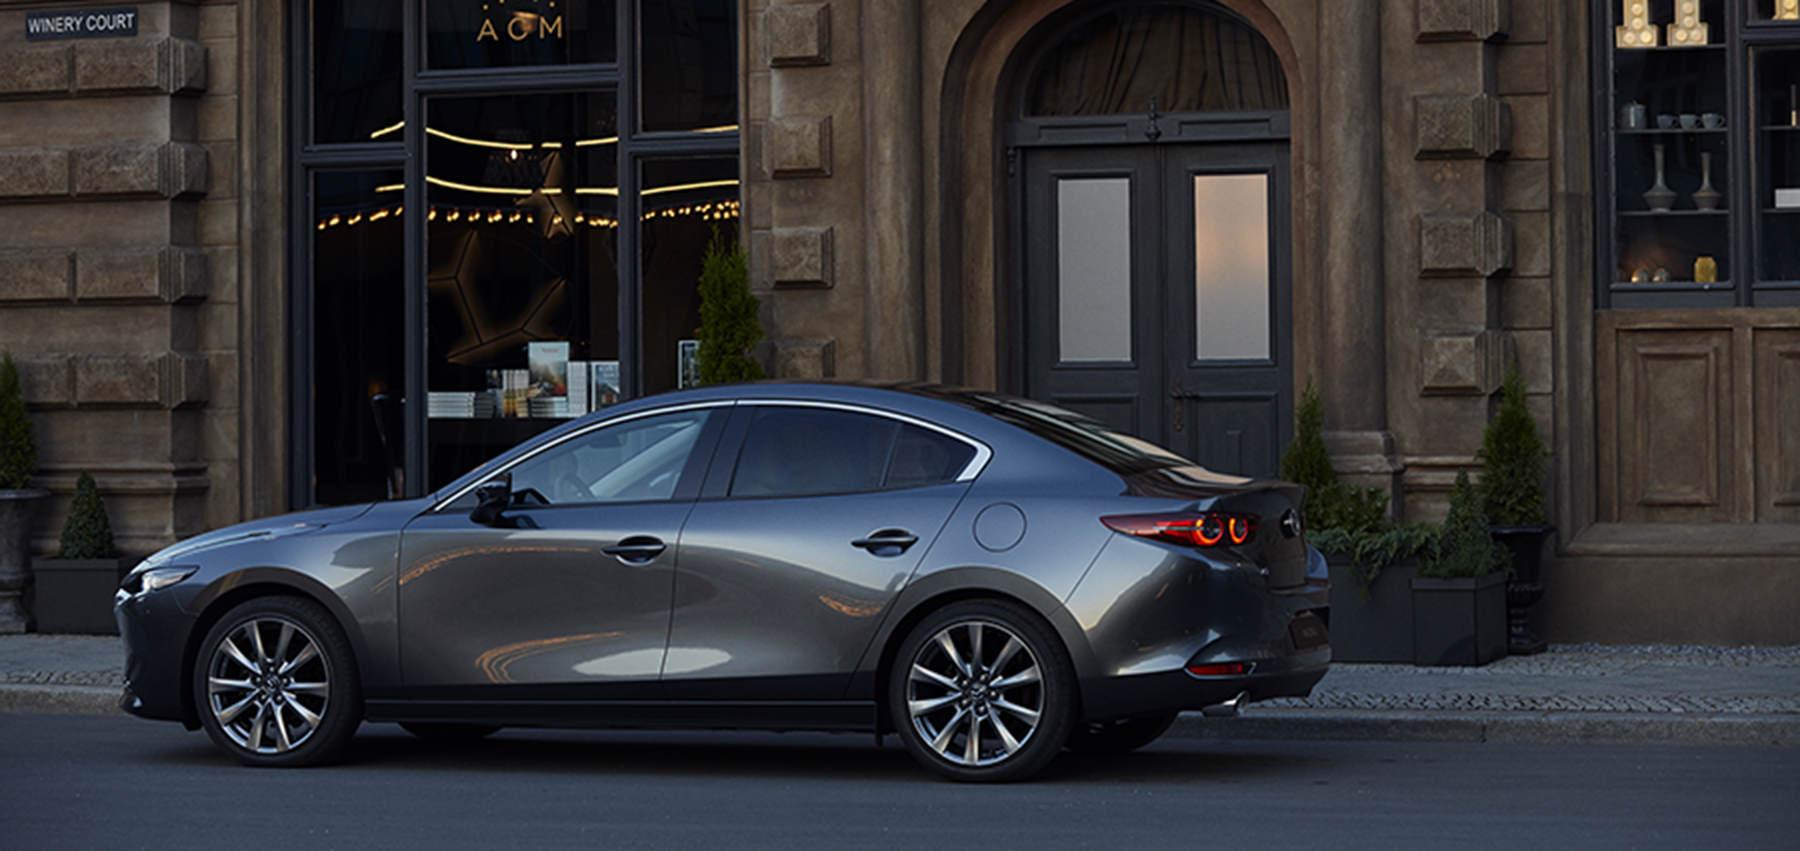 2020 Mazda 3 Sedan Model